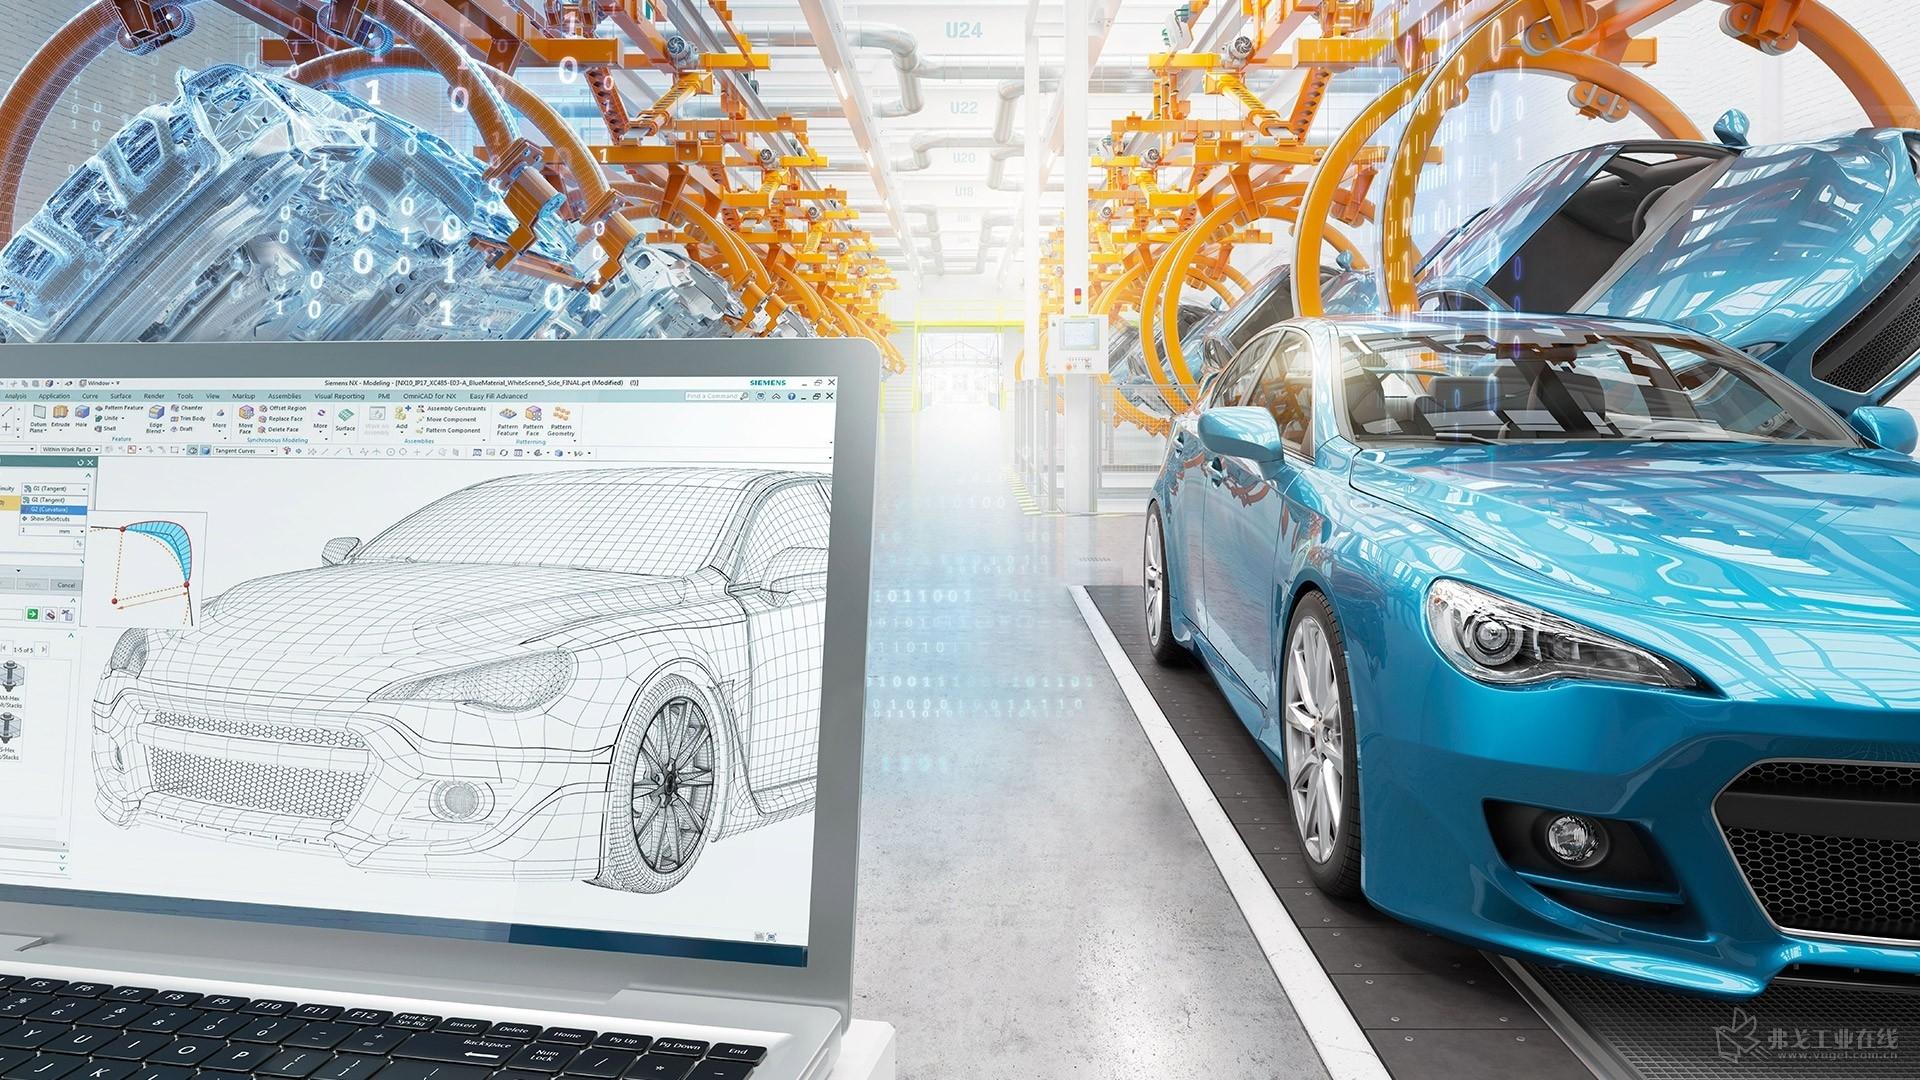 西门子_汽车行业具备良好的数字化基础.jpg